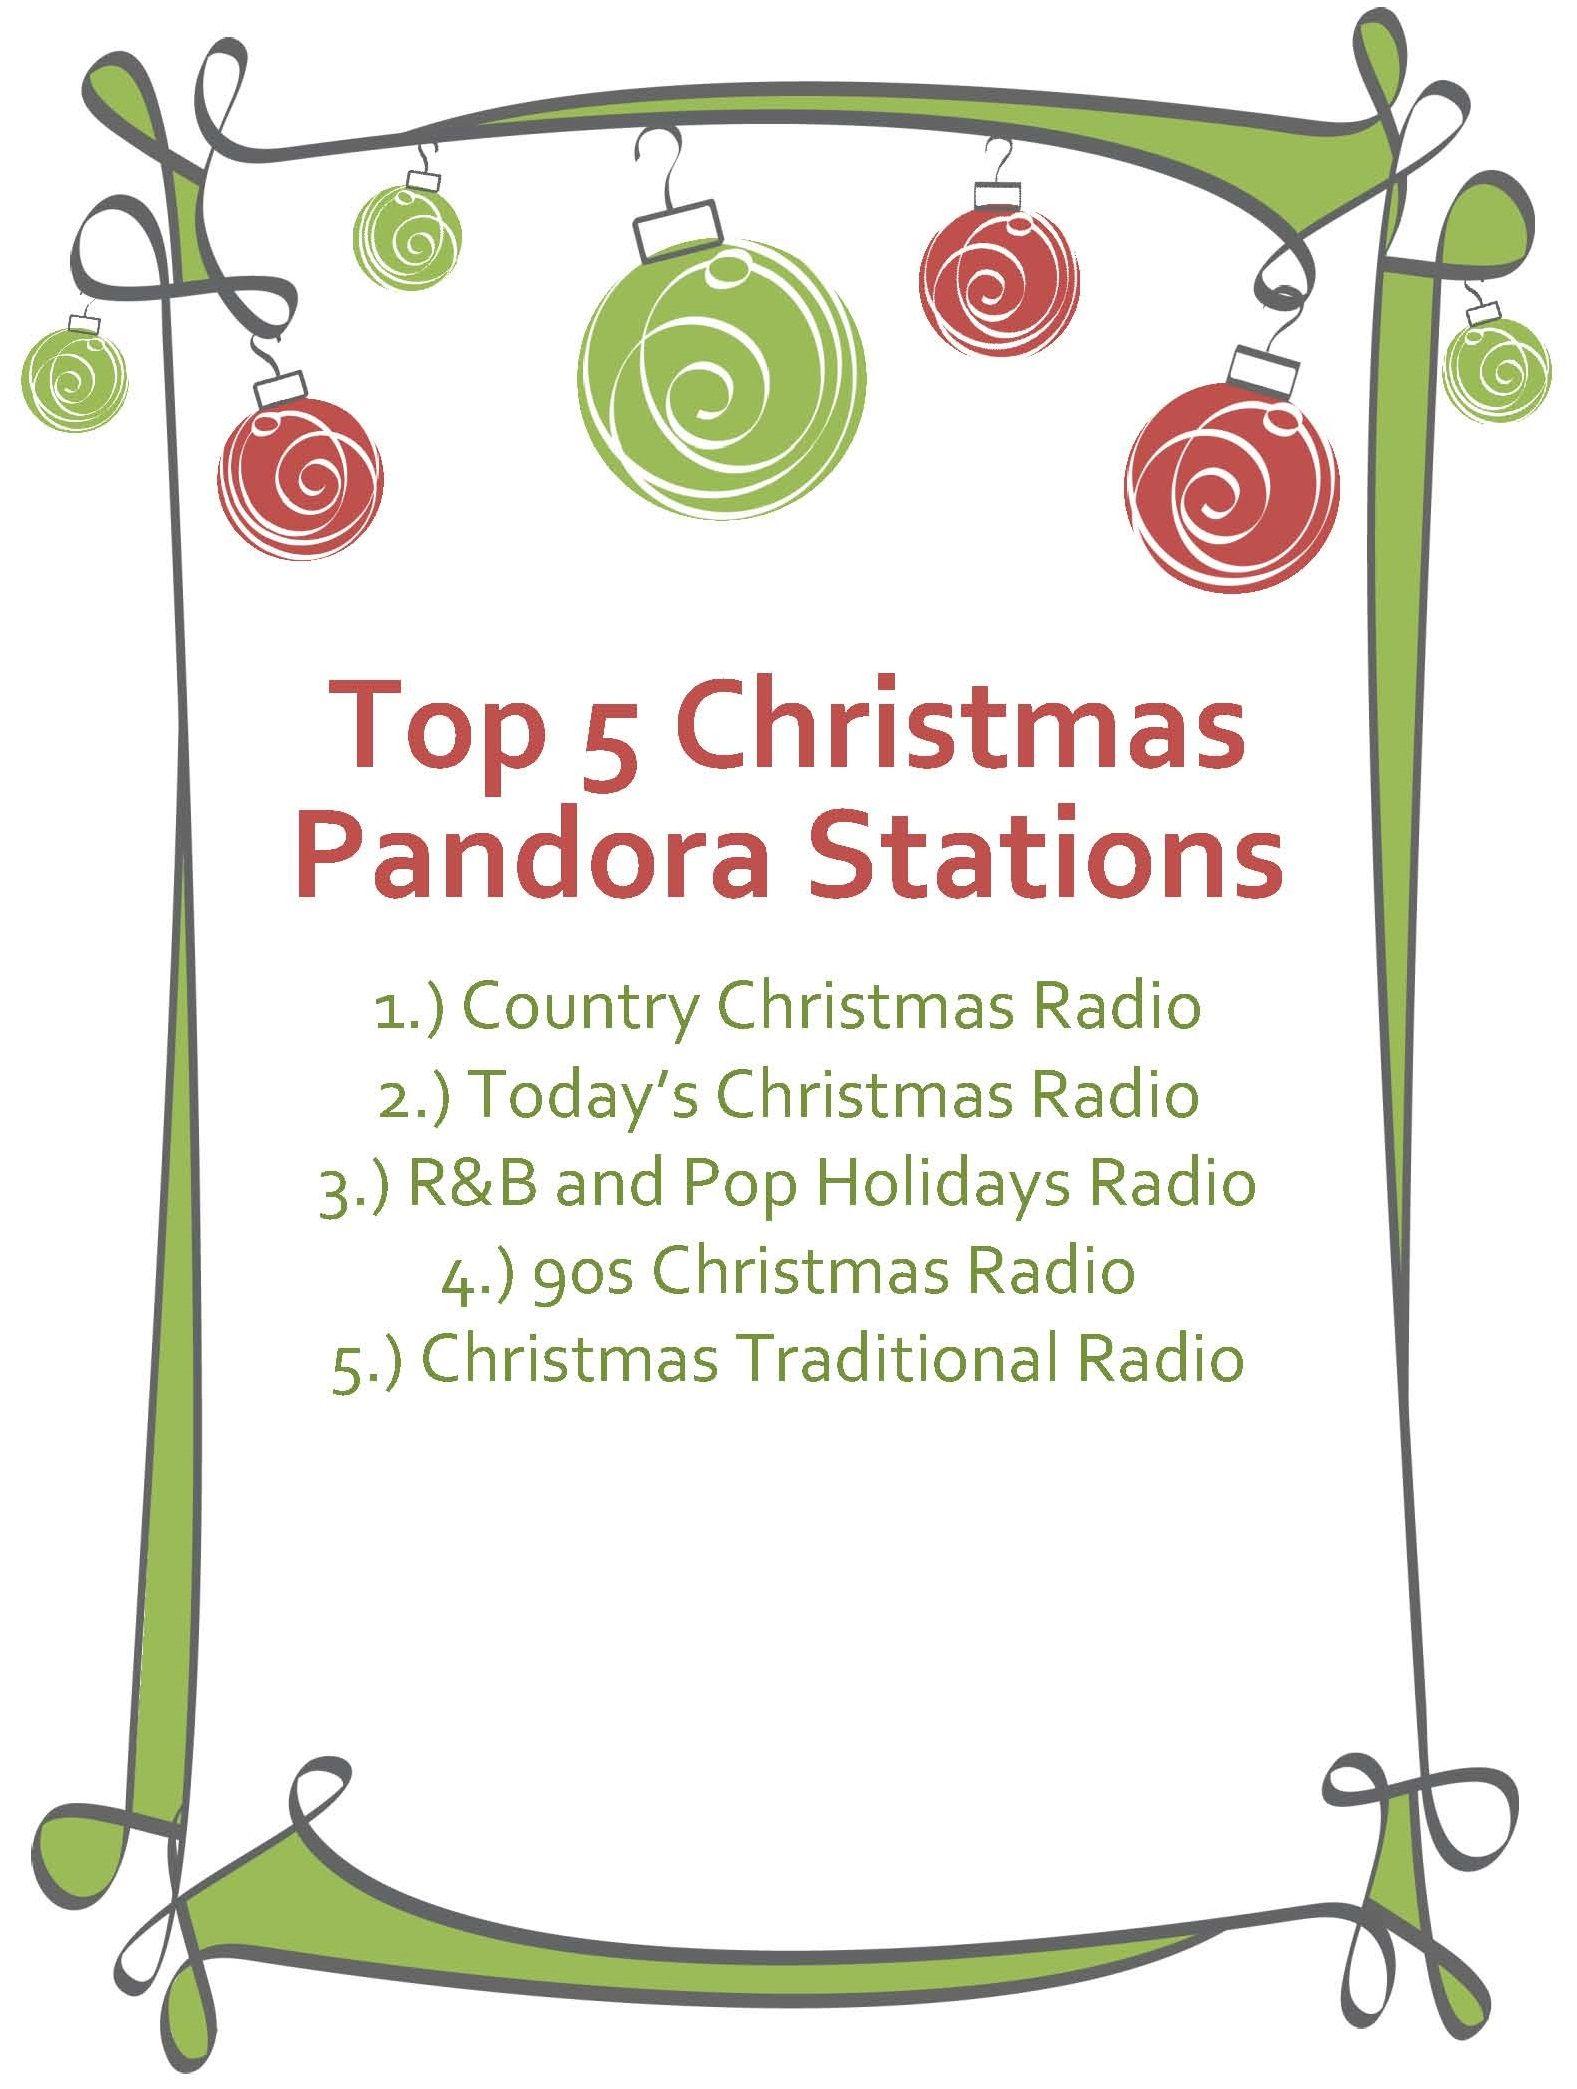 Christmas Music Christmas radio, Pandora stations